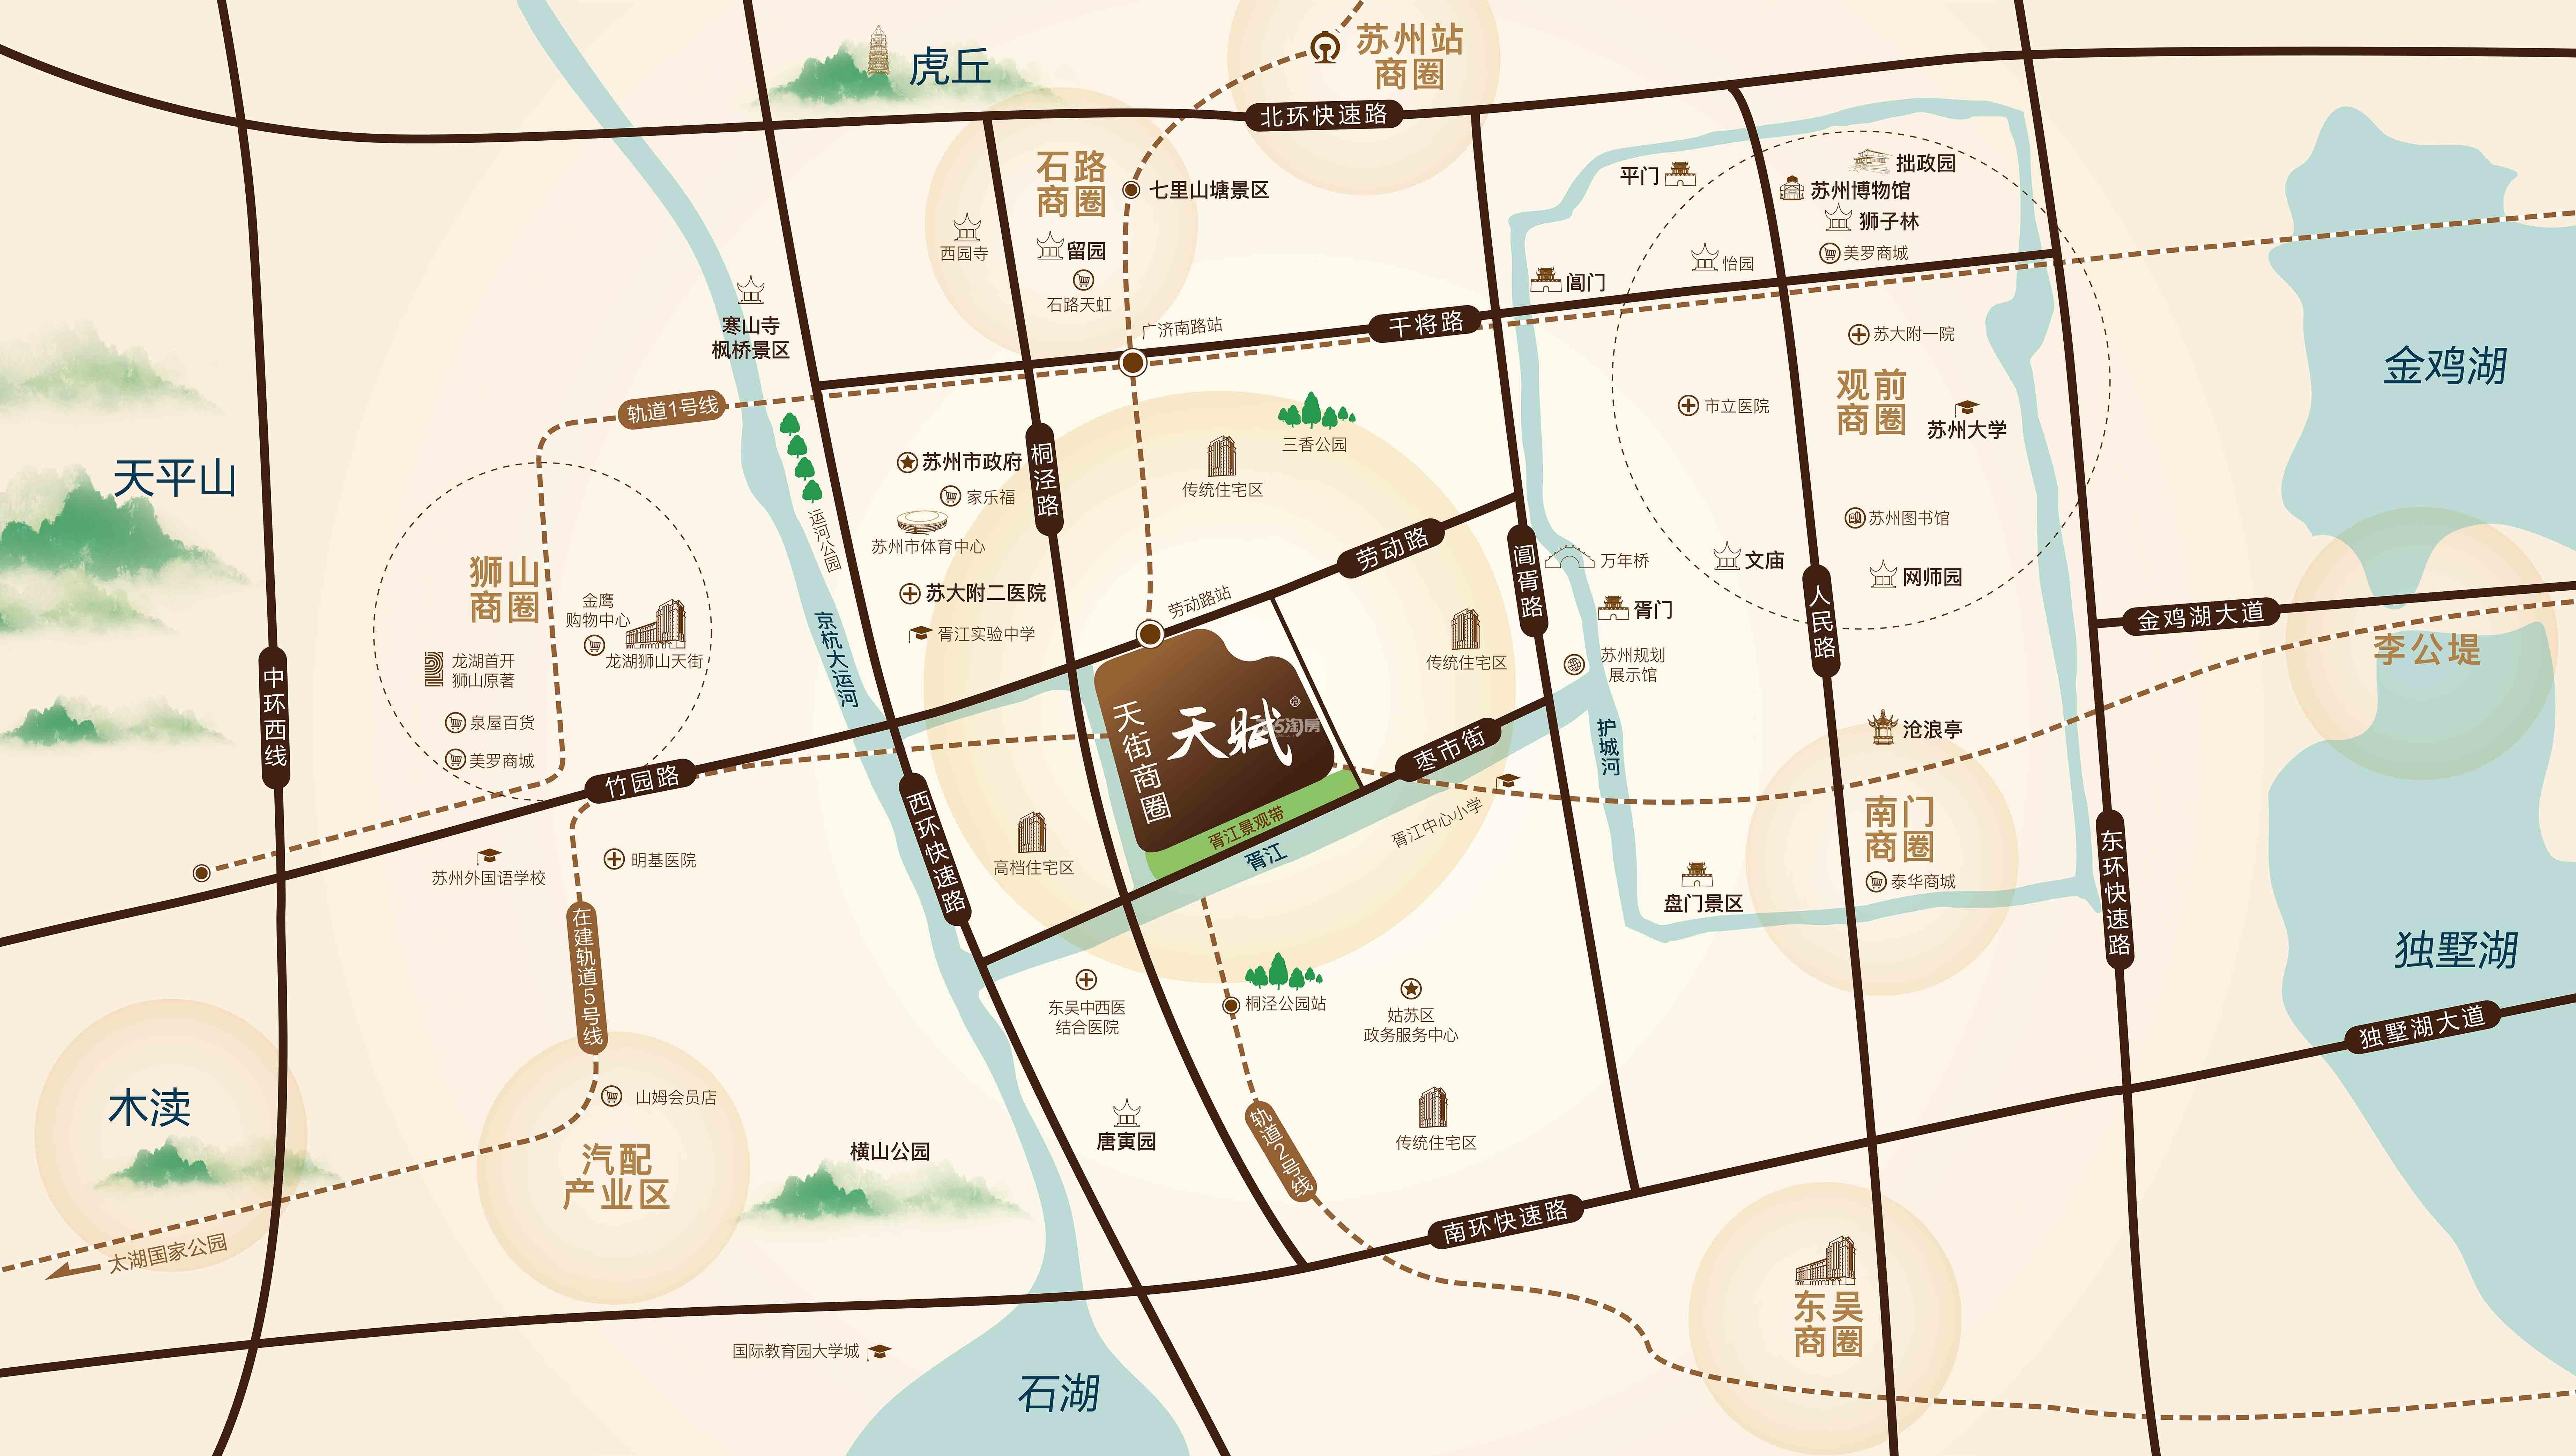 首开龙湖·天赋交通图